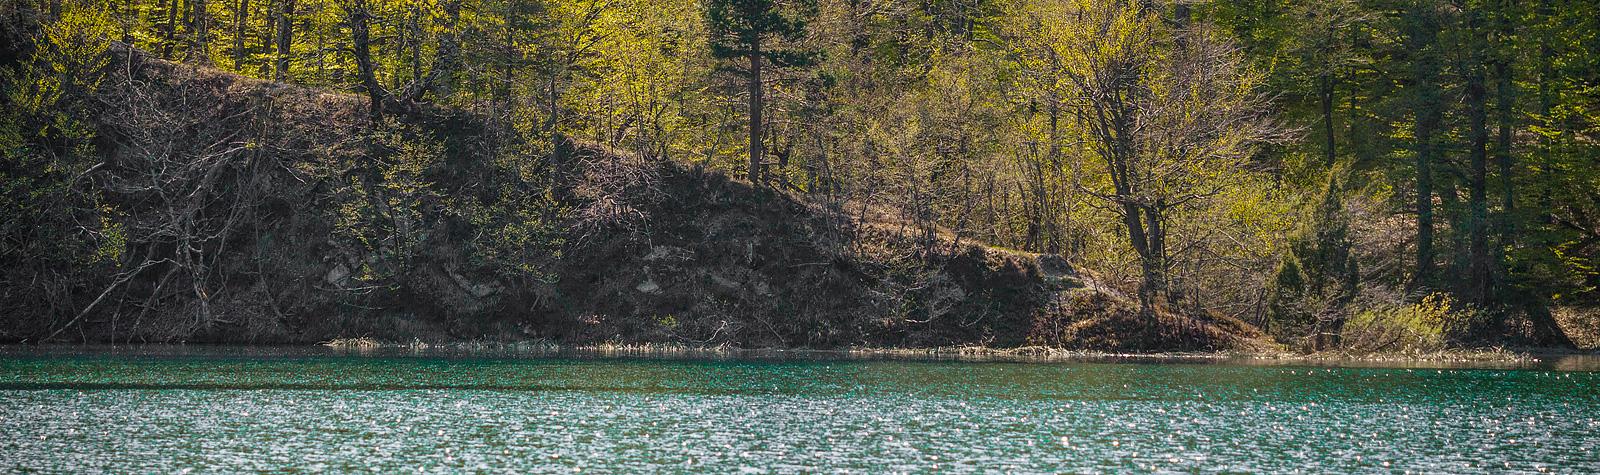 Viaggio Fotografico ai Laghi di Plitvice